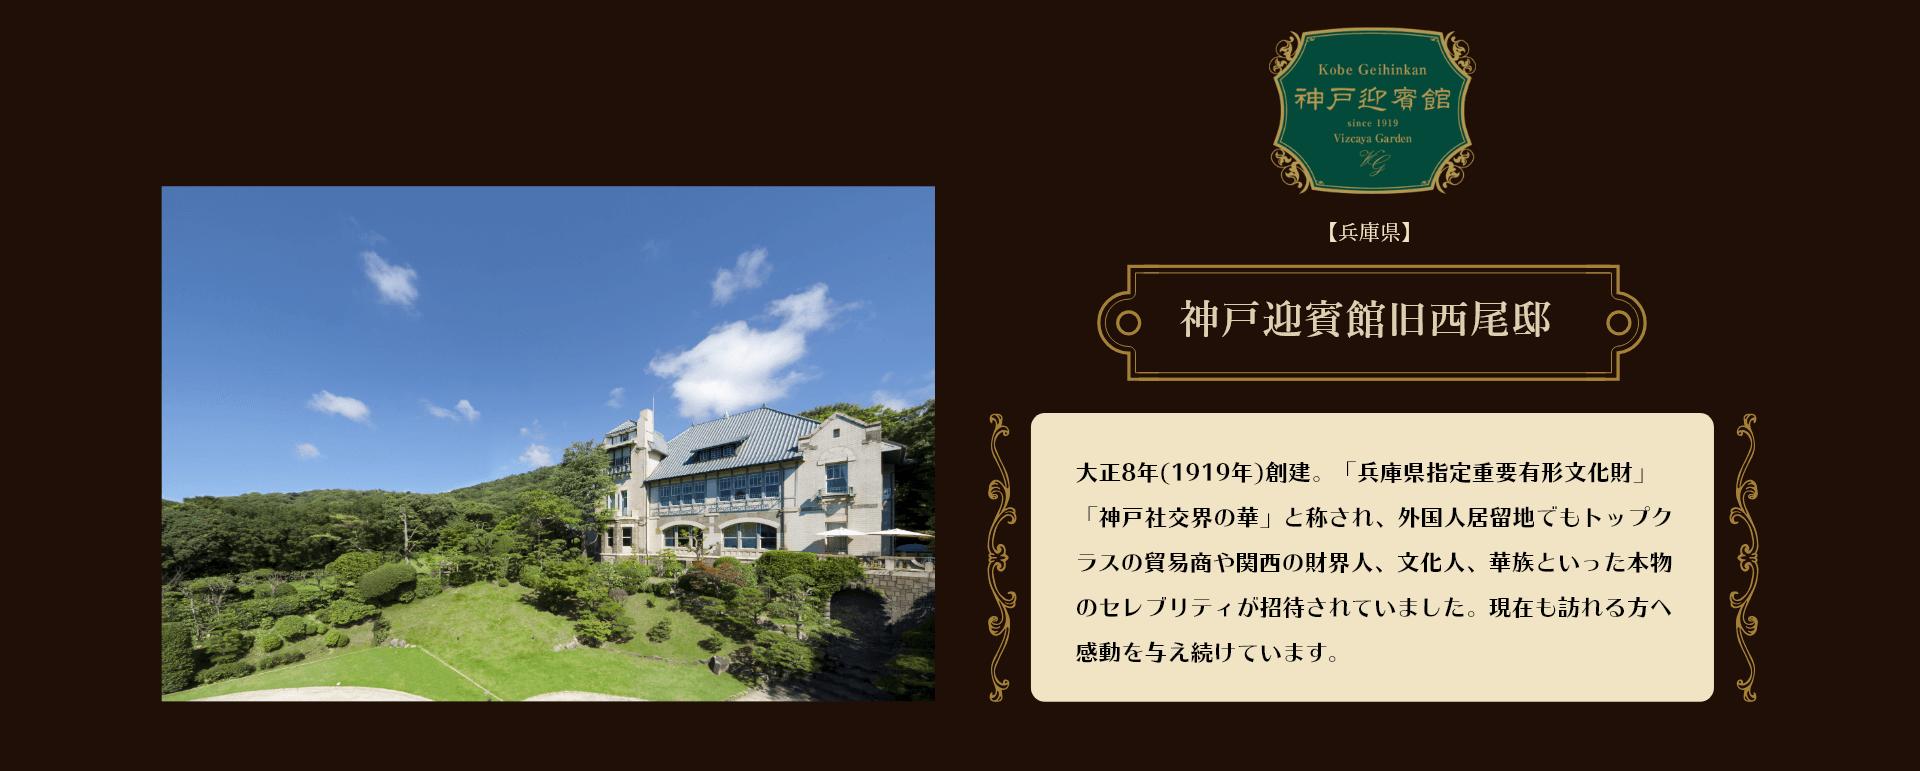 【兵庫県】神戸迎賓館西尾邸   大正8年(1919年)創建。「兵庫県指定重要有形文化財」「神戸社交界の華」と称され、外国人居留地でもトップクラスの貿易商や関西の財界人、文化人、華族といった本物のセレブリティが招待されていました。現在も訪れる方へ感動を与え続けています。